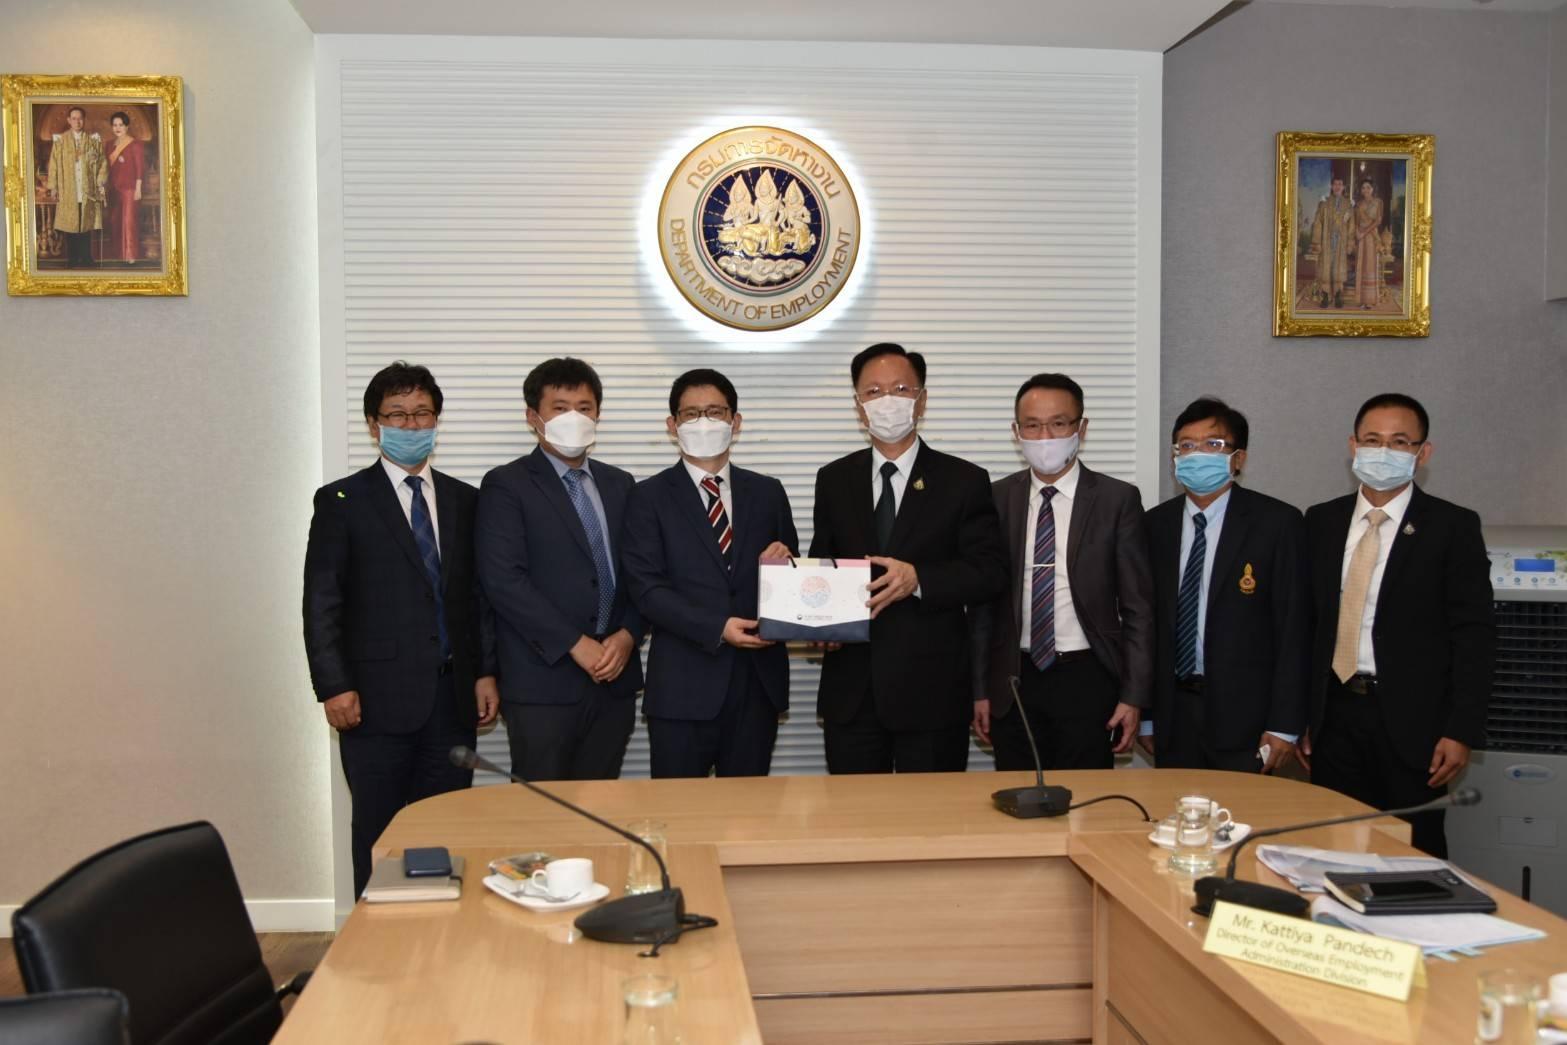 อธิบดีกกจ. ให้การต้อนรับนายฮา แทอุค กงสุลใหญ่ สถานเอกอัครราชทูตสาธารณรัฐเกาหลี ในโอกาสเข้าเยี่ยมฯ